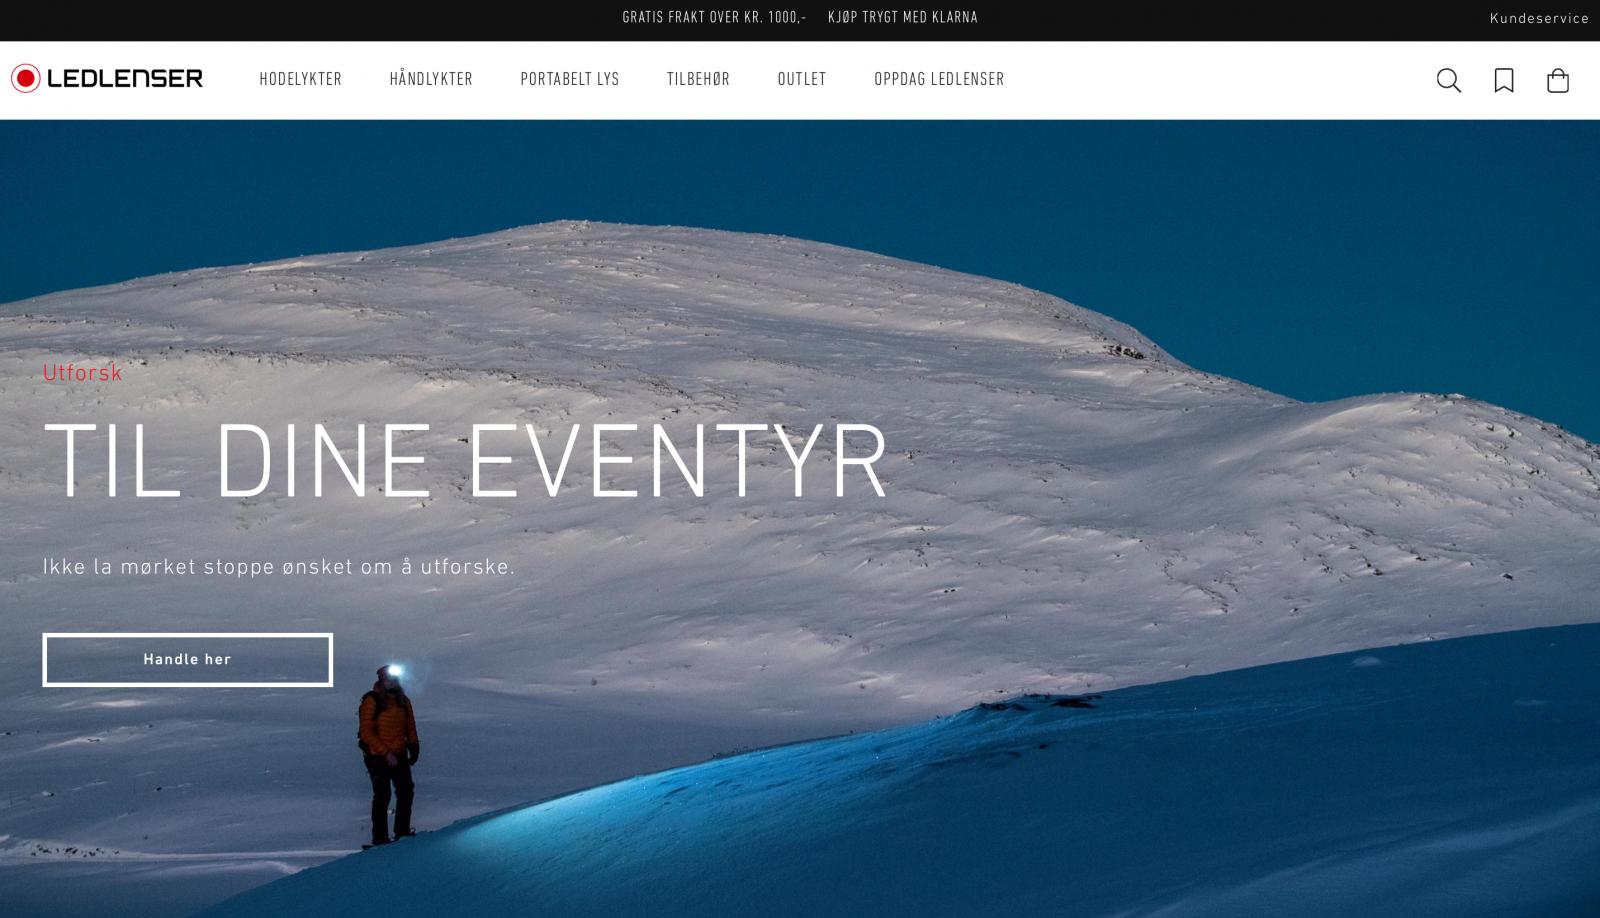 Startsidan för Ledlensershop